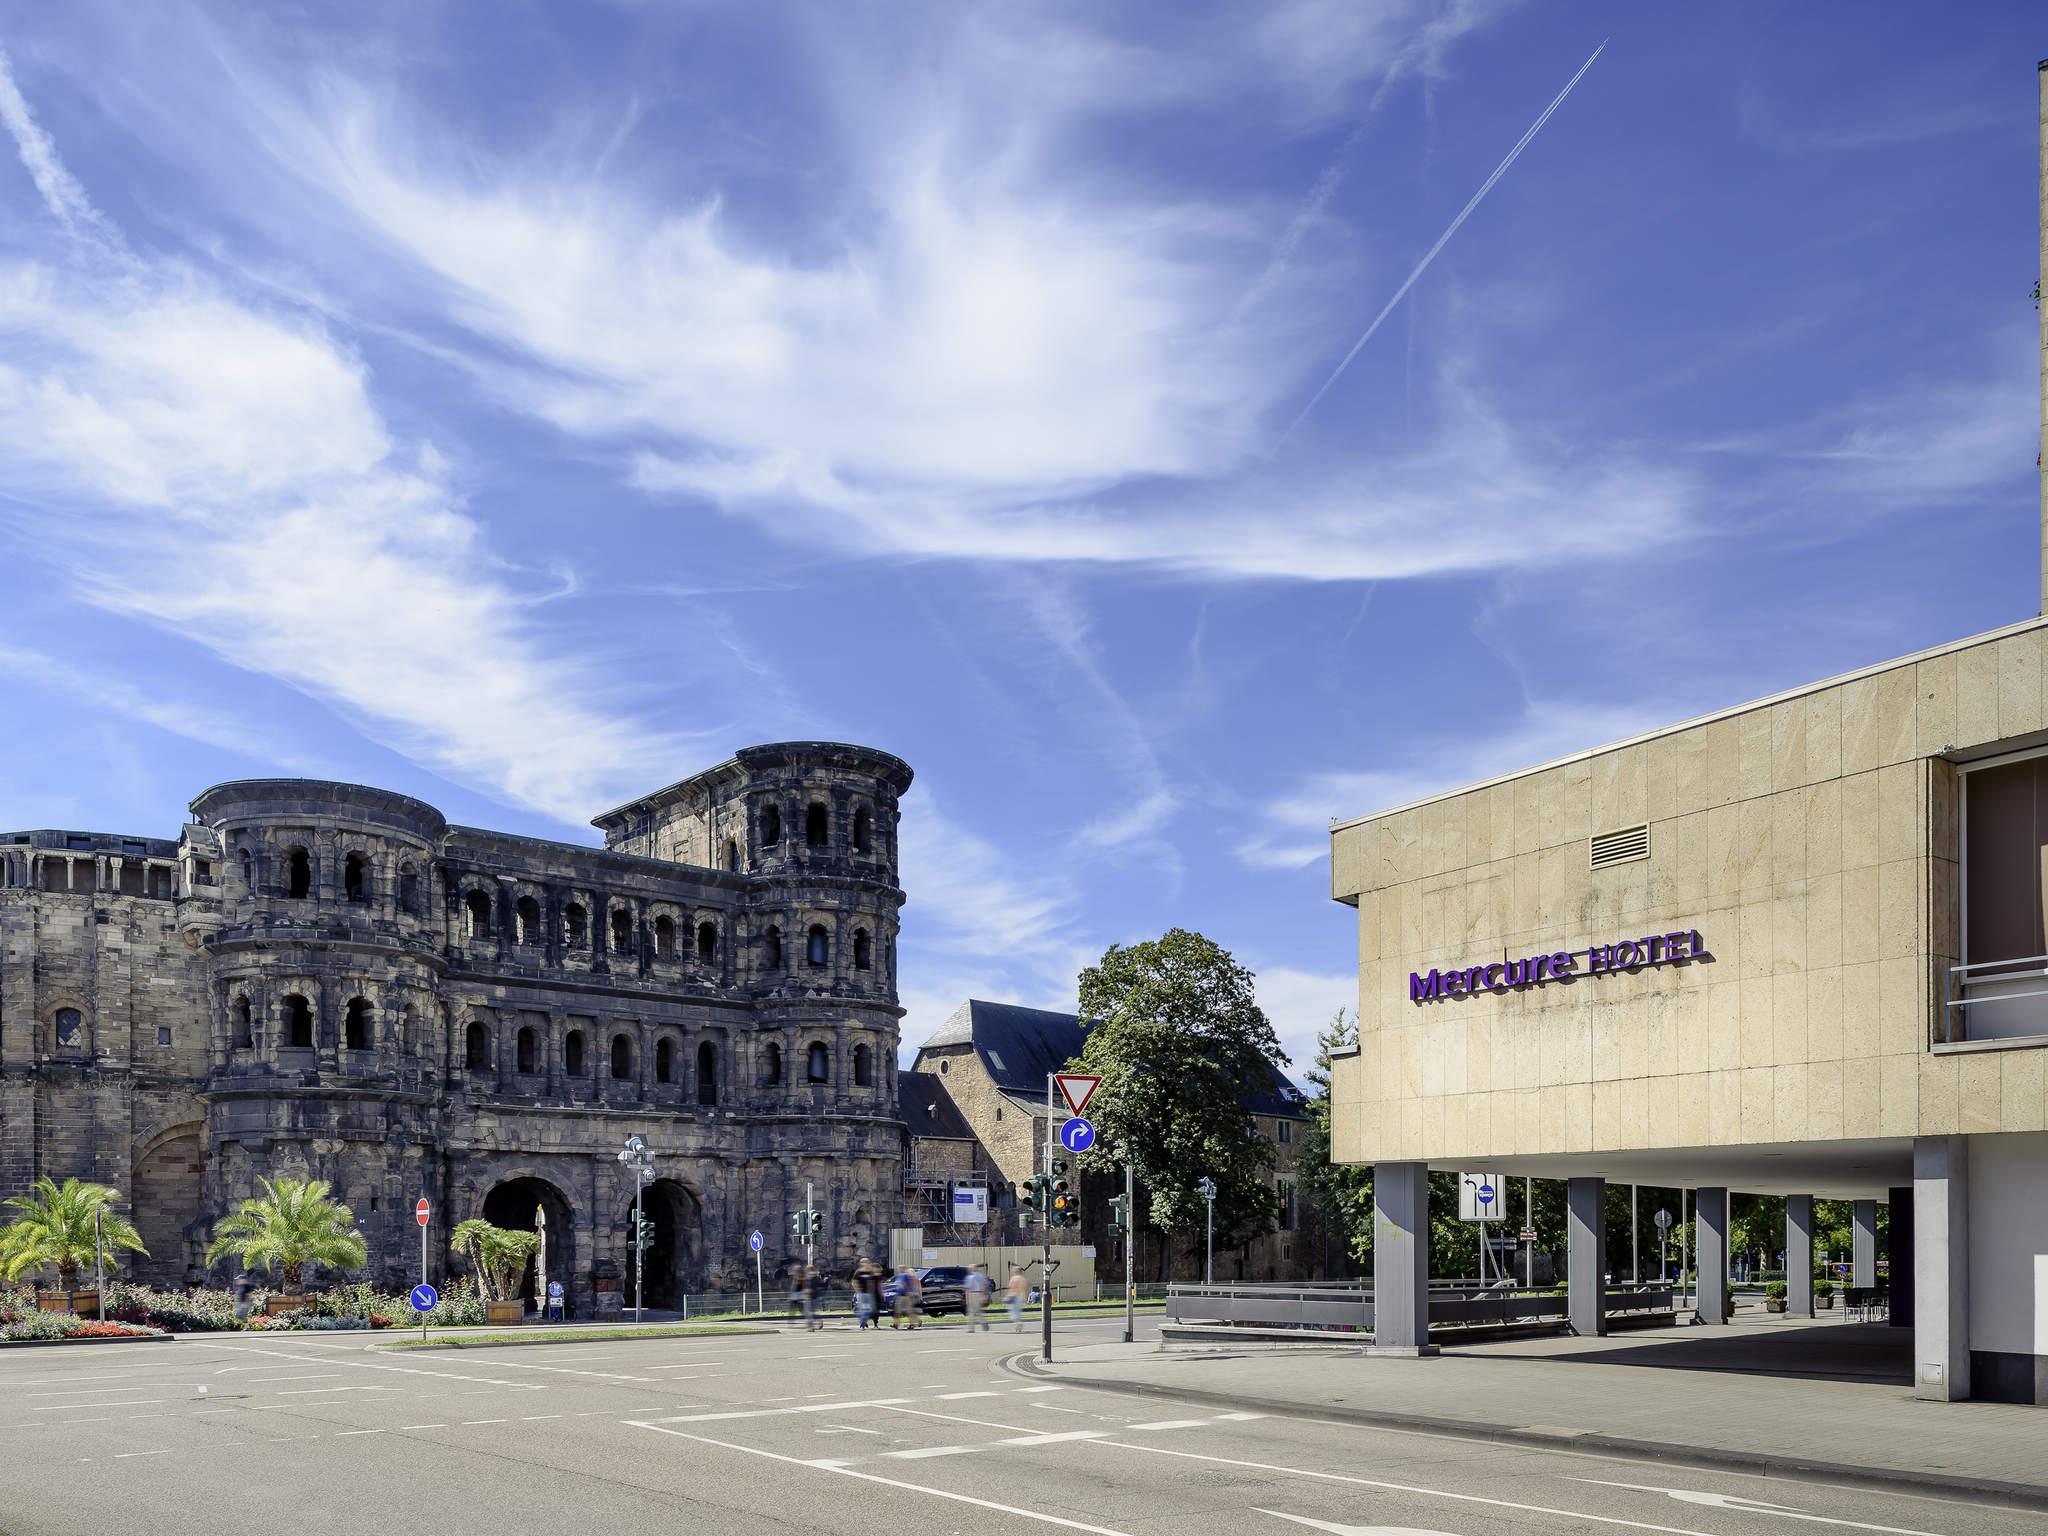 Mercure Hotel Trier Porta Nigra Book online now Free Wifi